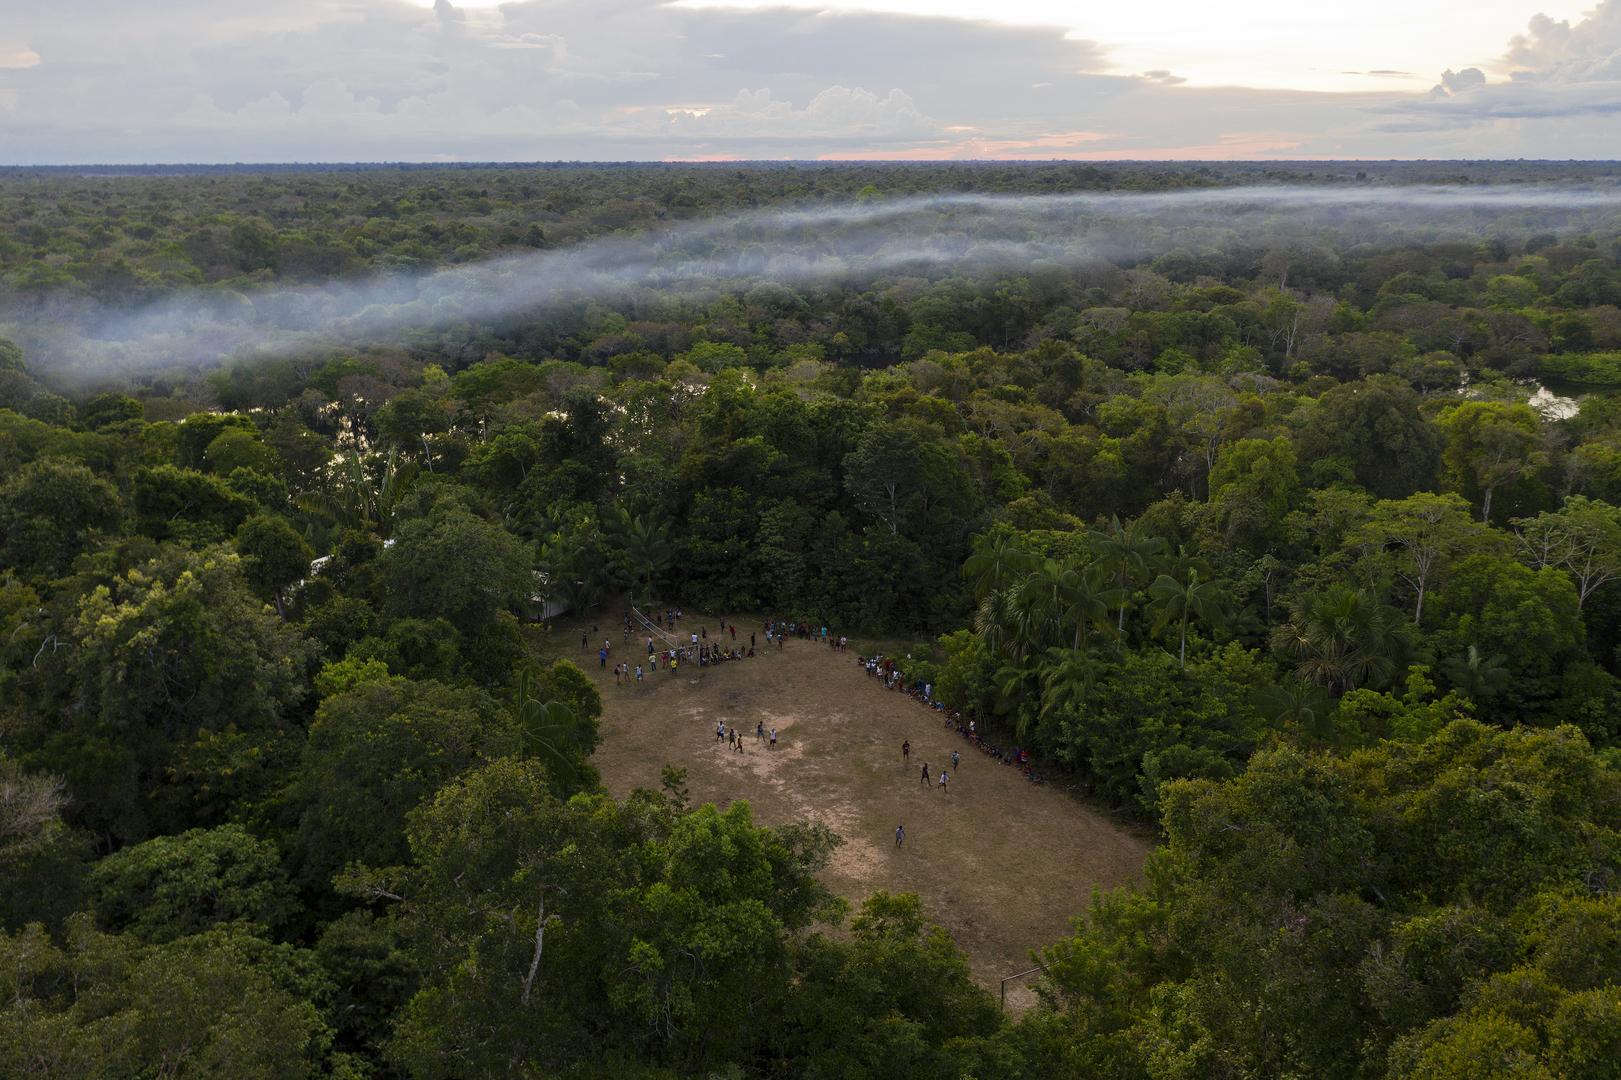 غابات الأمازون في البرازيل